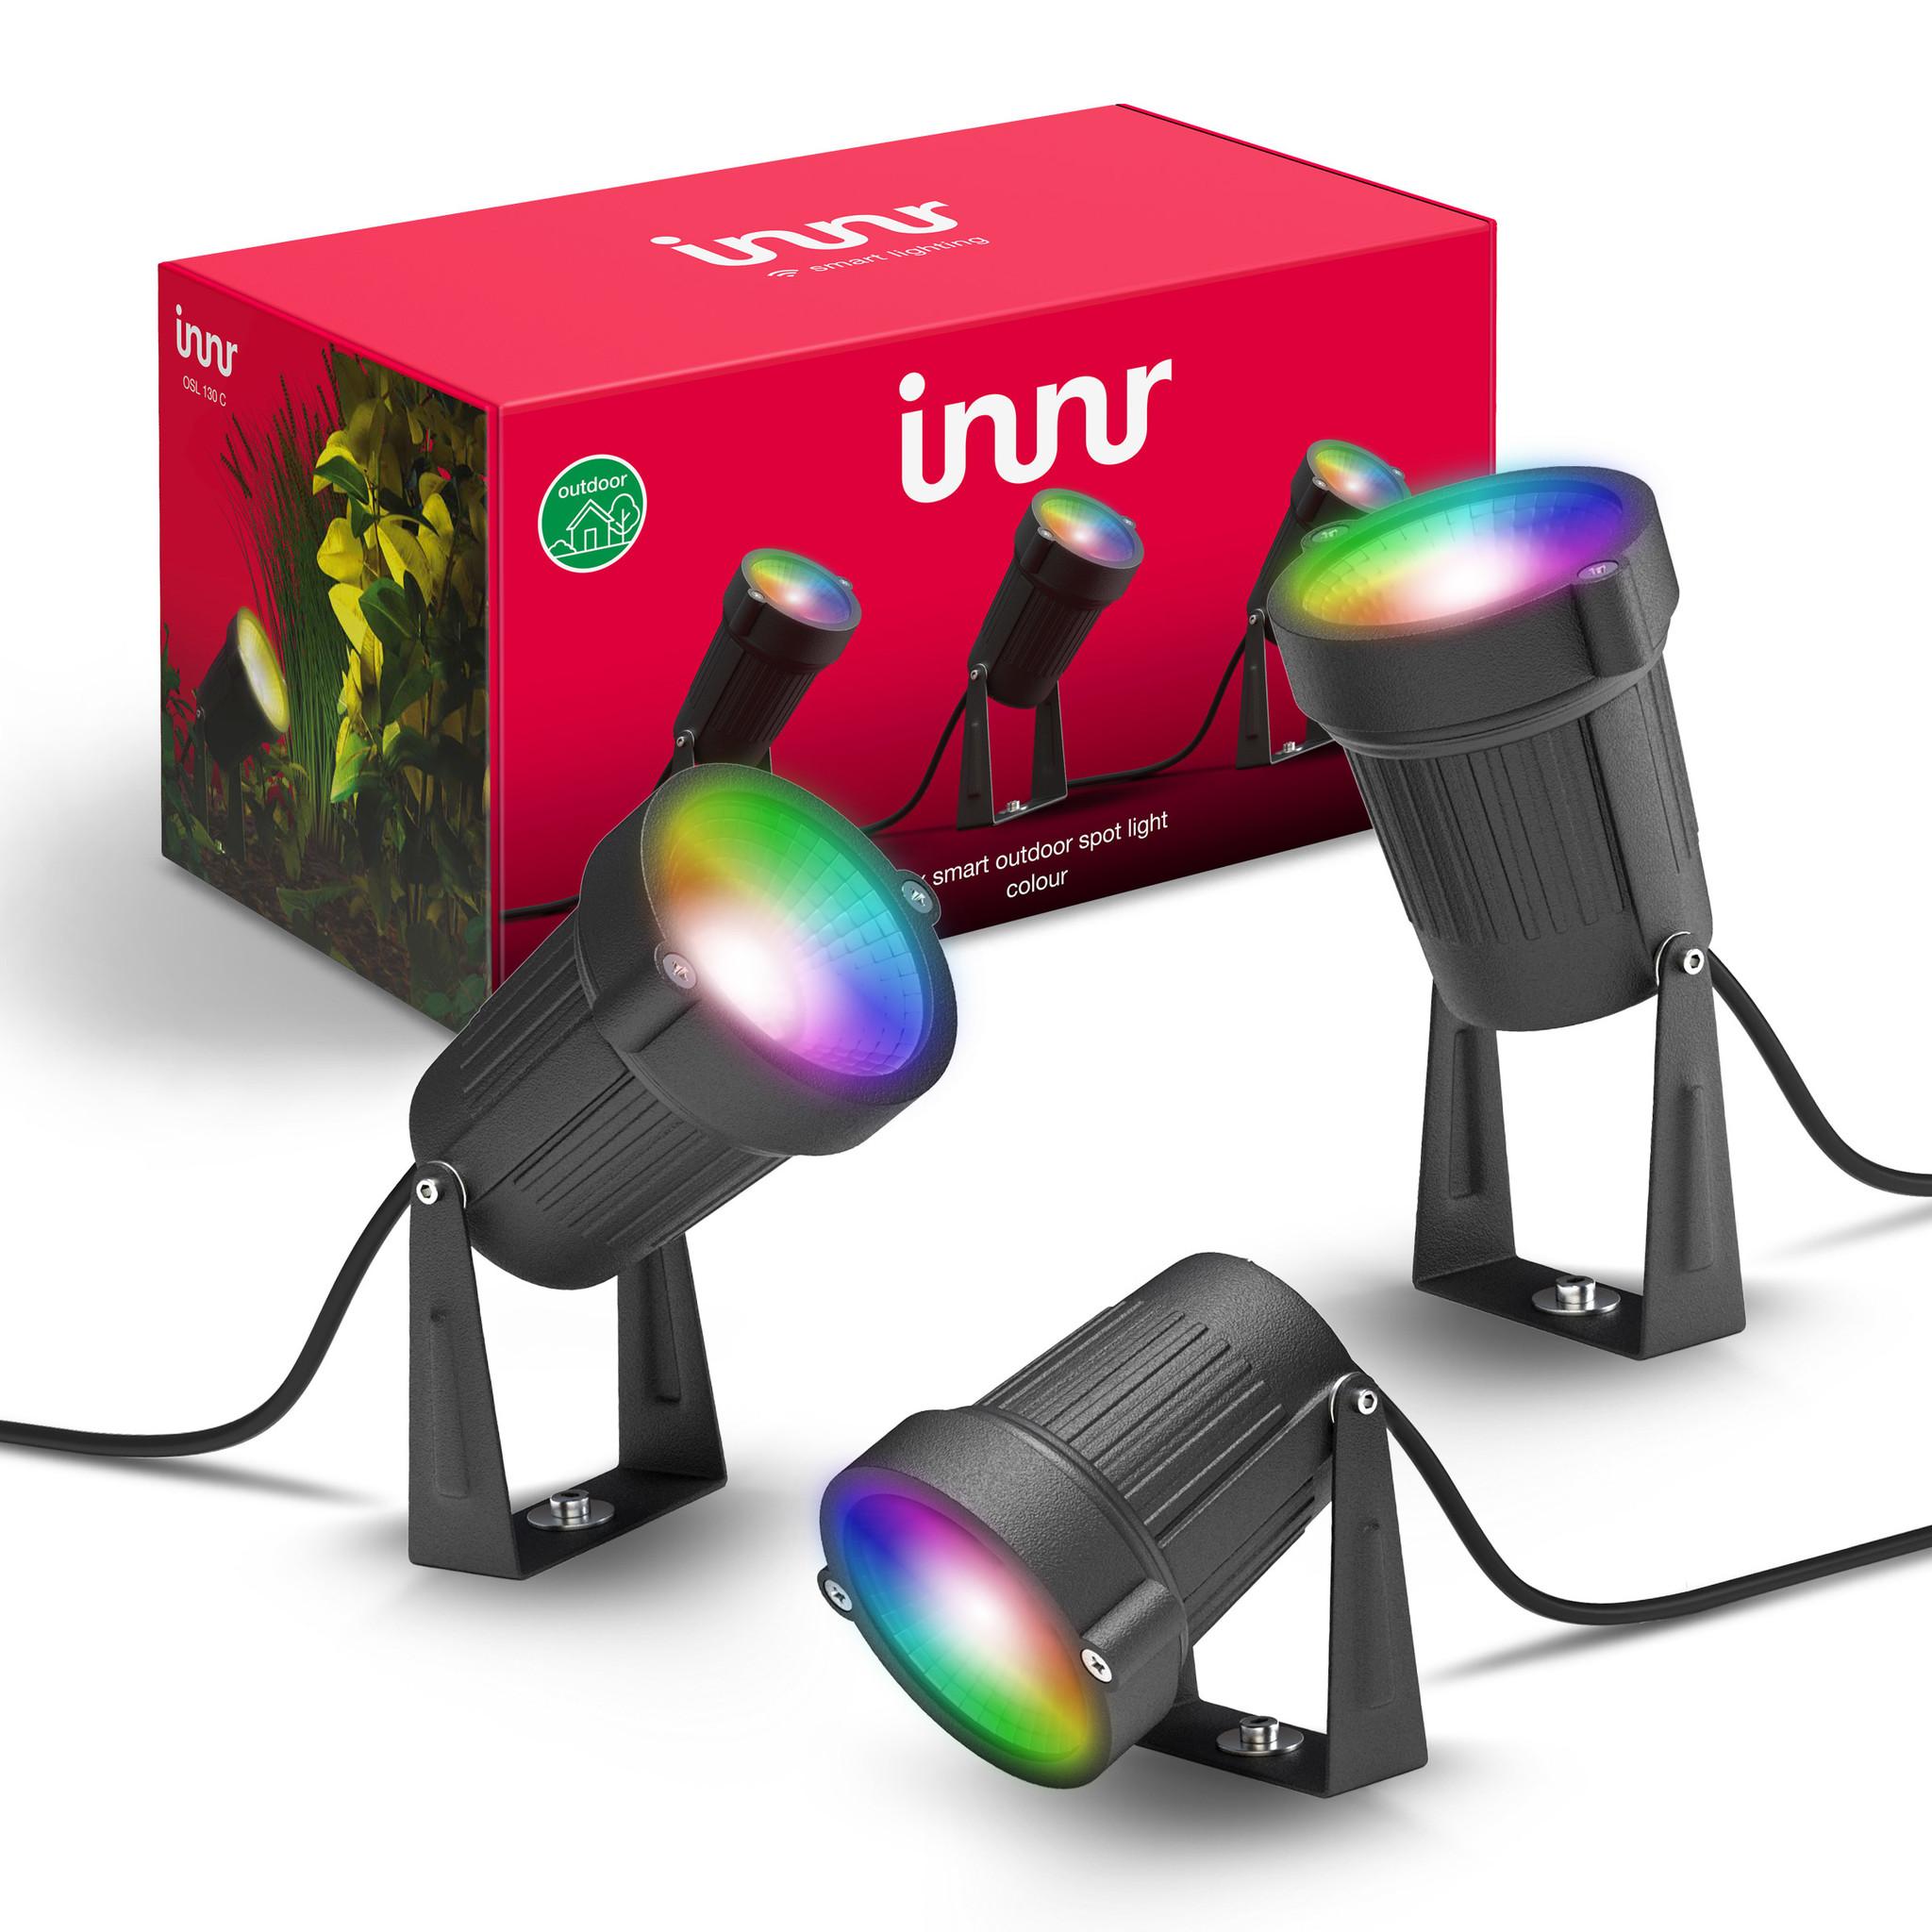 Innr slimme verlichting Outdoor Spot Light 130C 3-pack (Color) online kopen